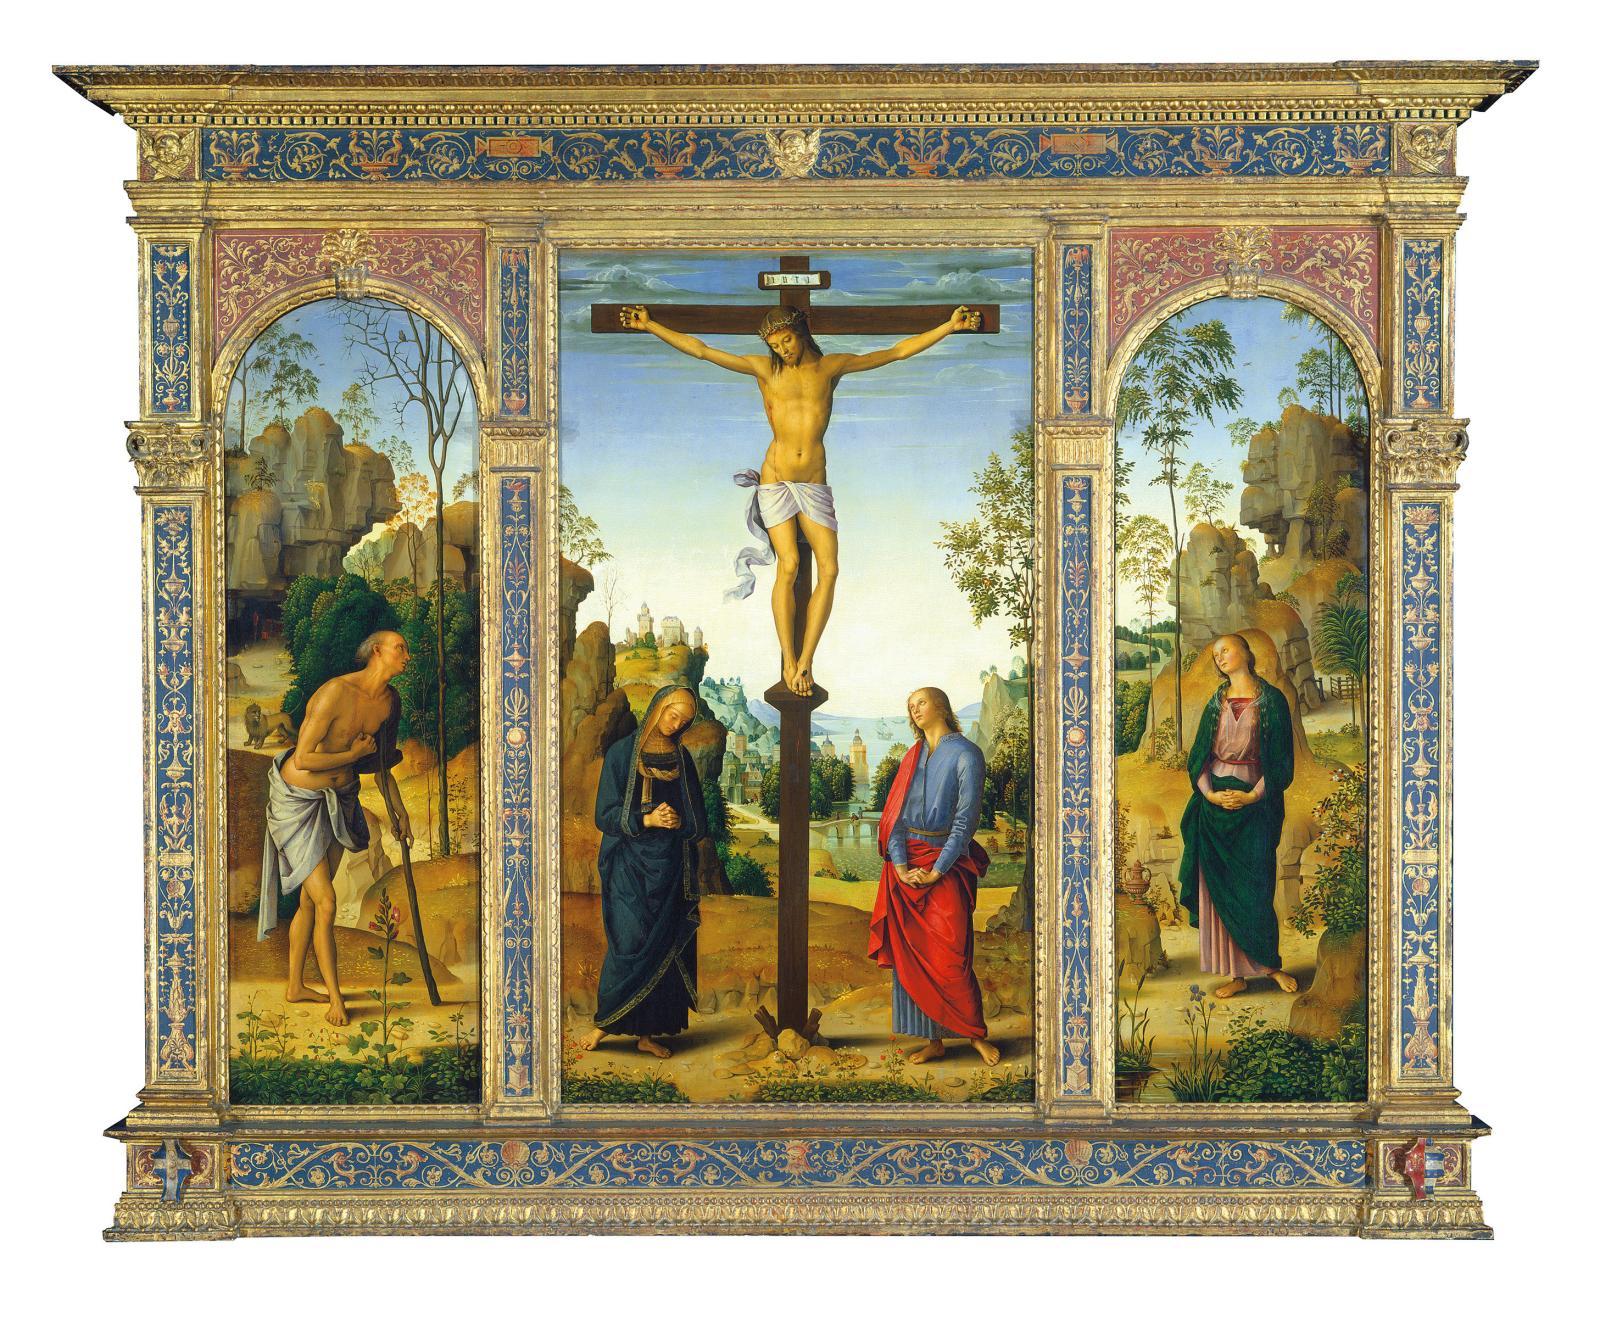 Le Pérugin, Triptyque de la Crucifixion, 1482-1485, National Gallery de Washington.L'une des familles aristocratiques russes s'étant le pl